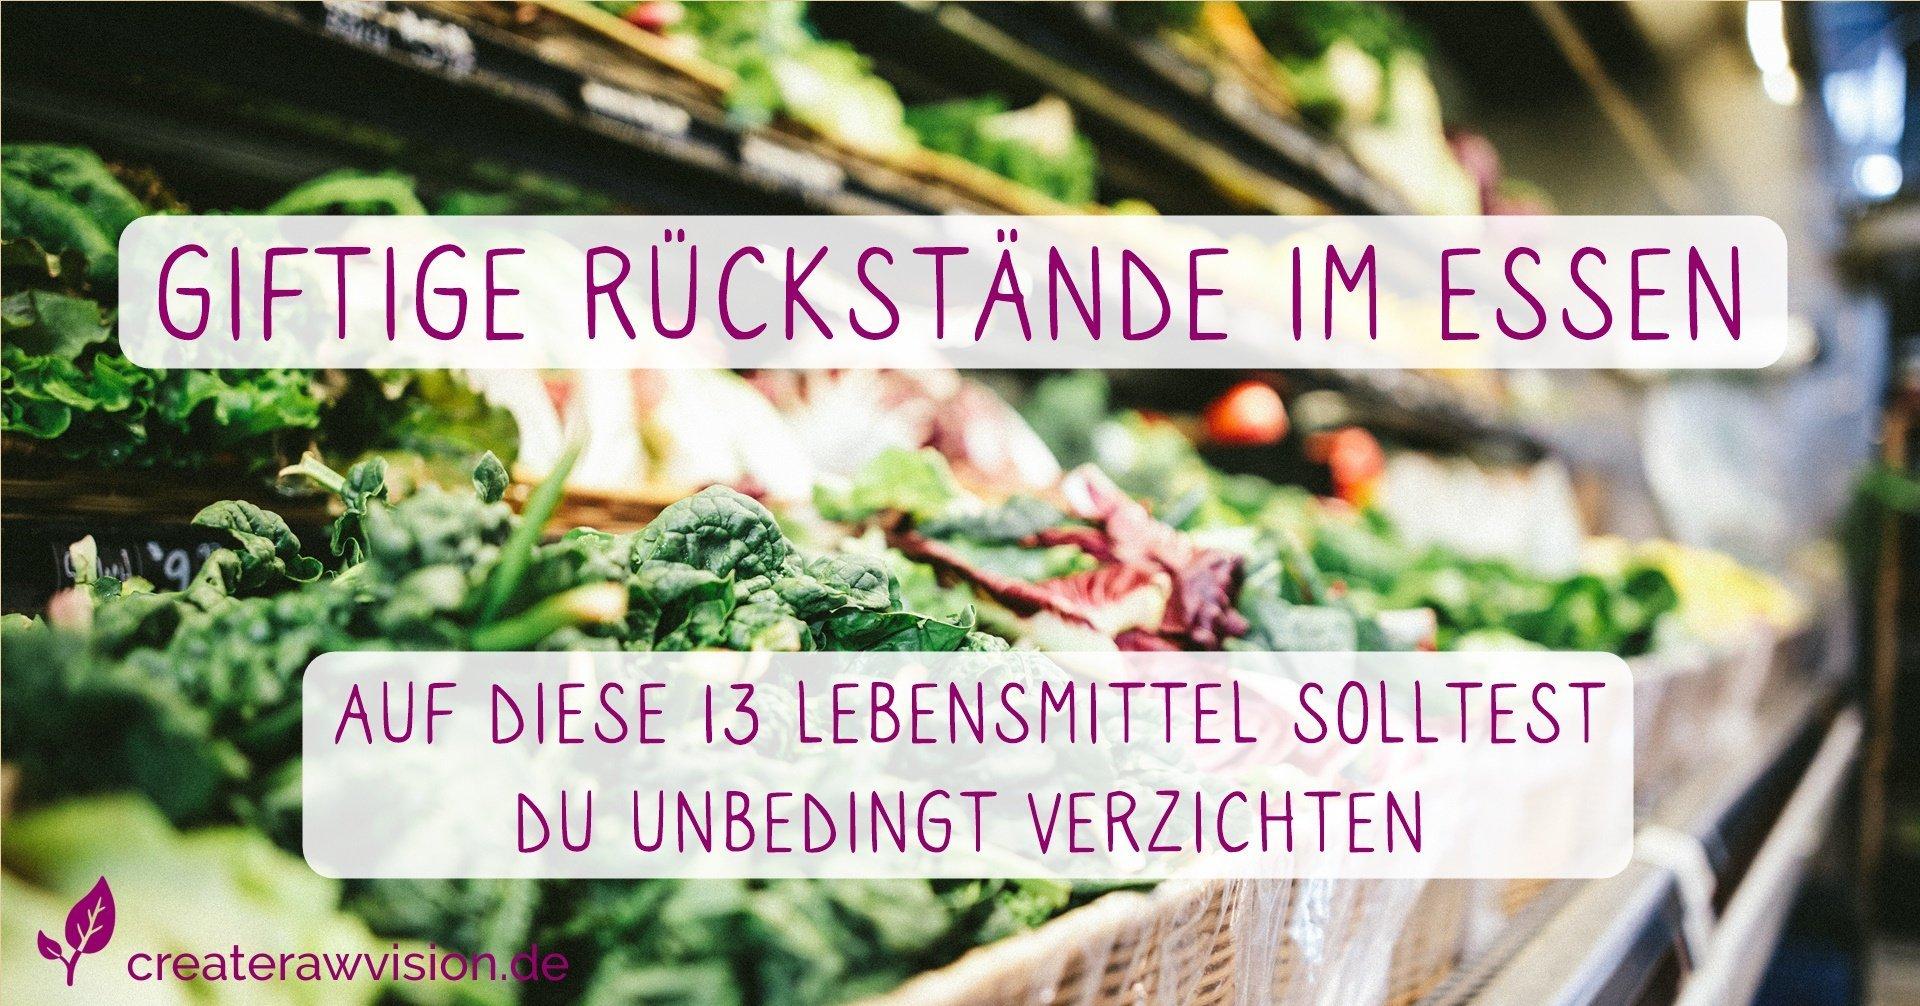 Gemüse auf dem Marktstand - Gifte in deiner Nahrung